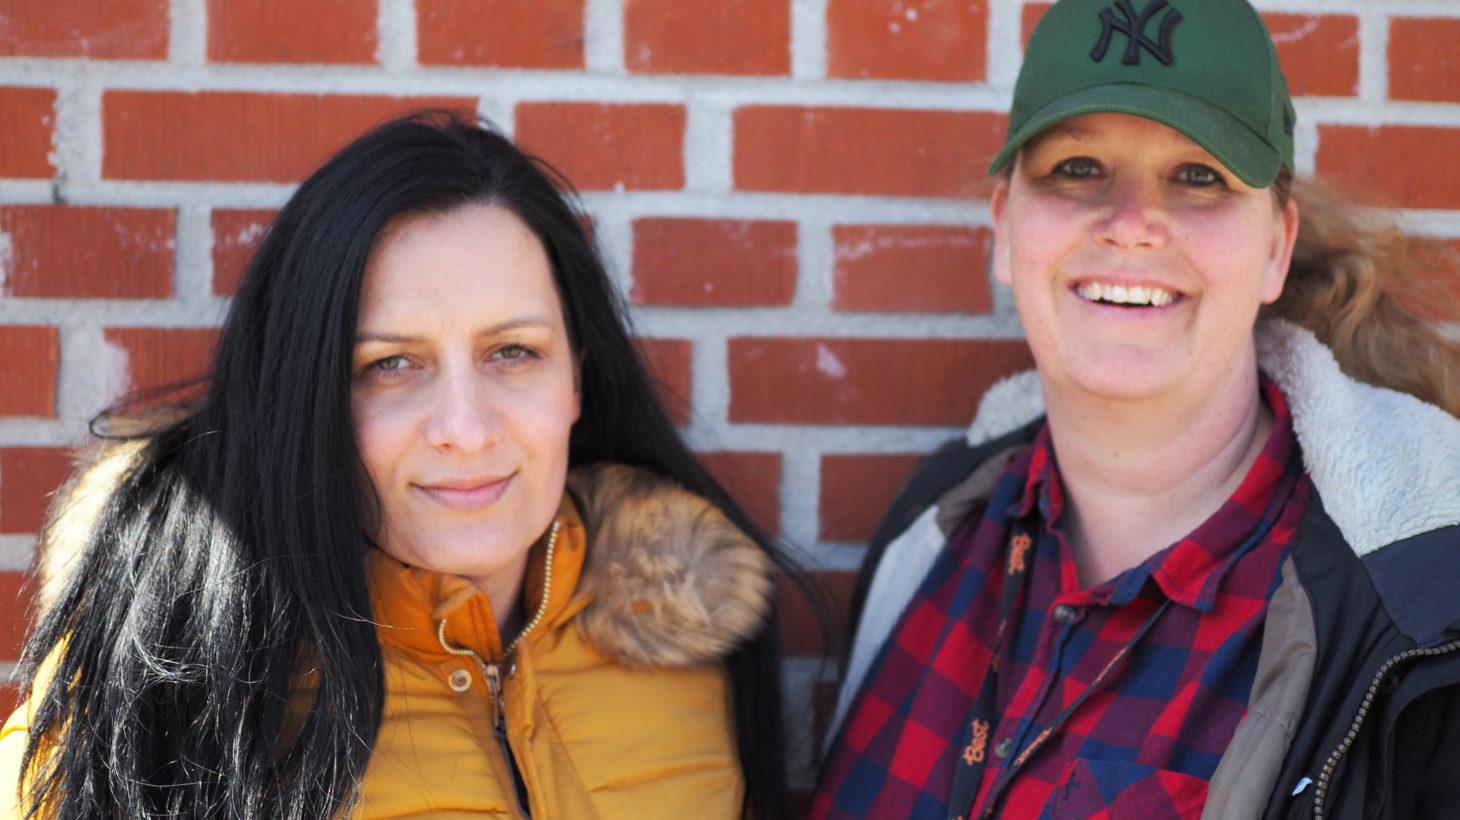 På bilden syns lärarna Martina Barunovic och Ann Lundvall som arbetar i Stenkulaskolans förskoleklass.